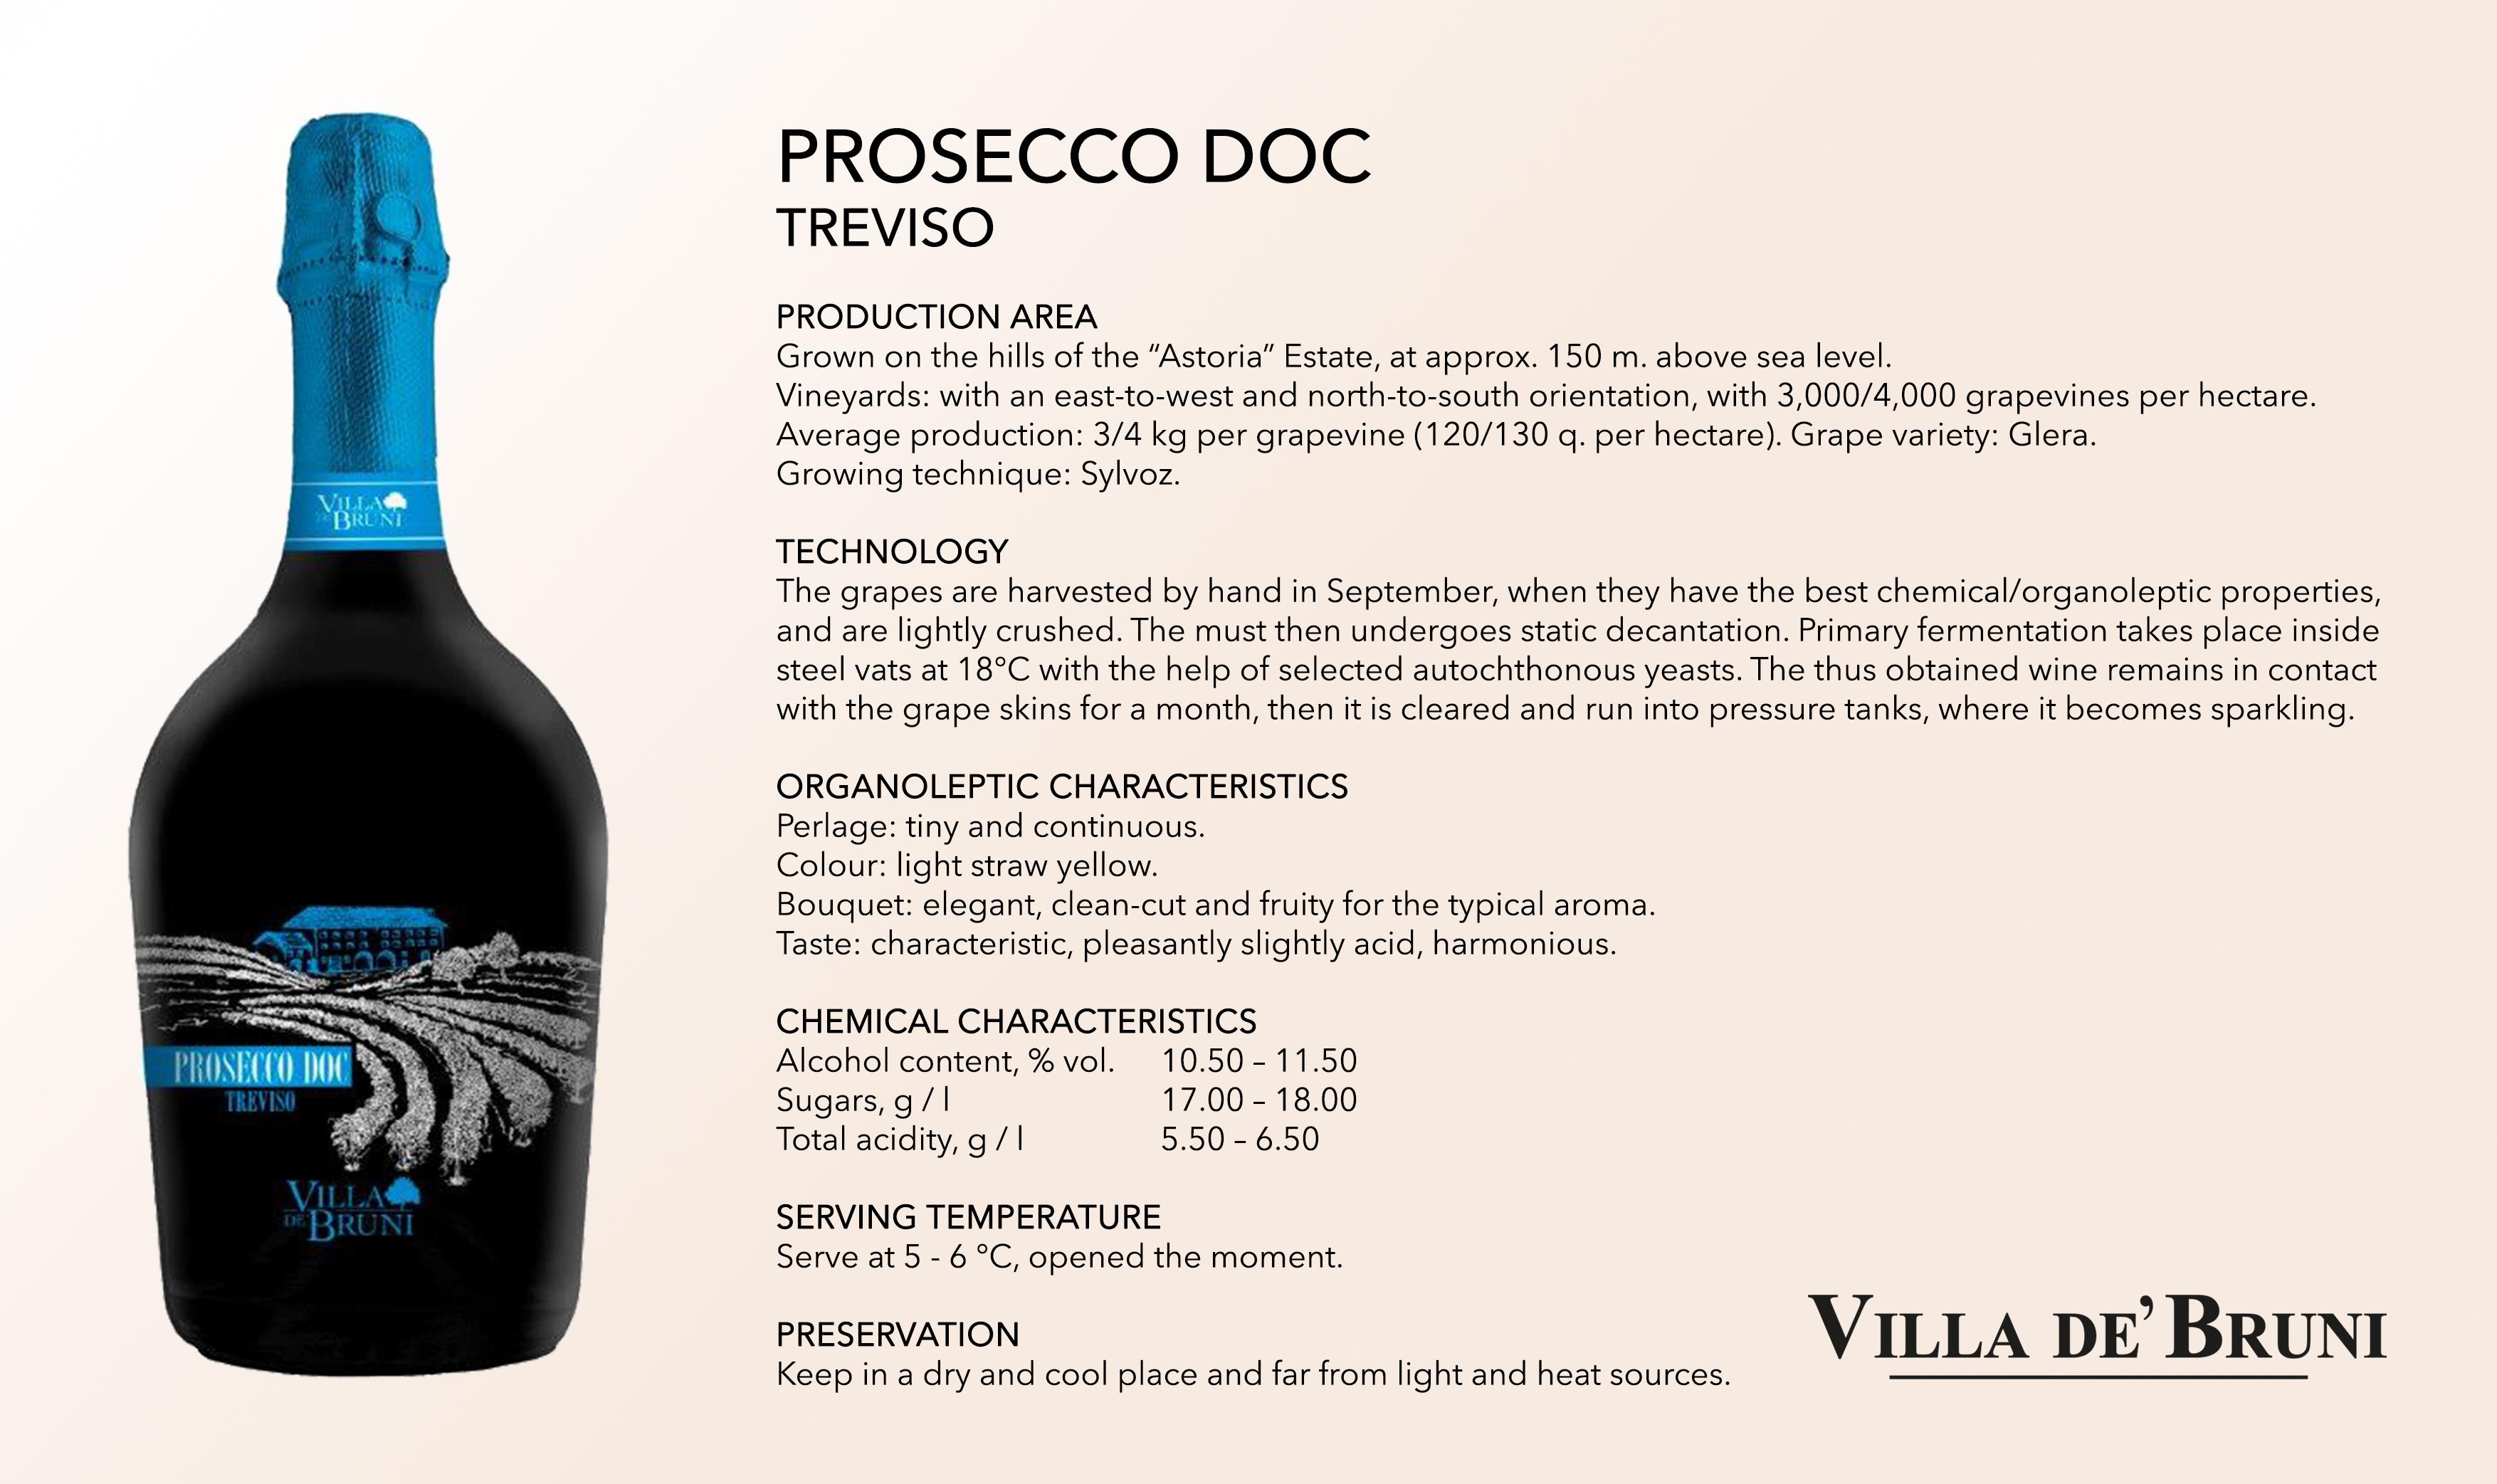 Villa De' Bruni - PROSECCO DOC TREVISO